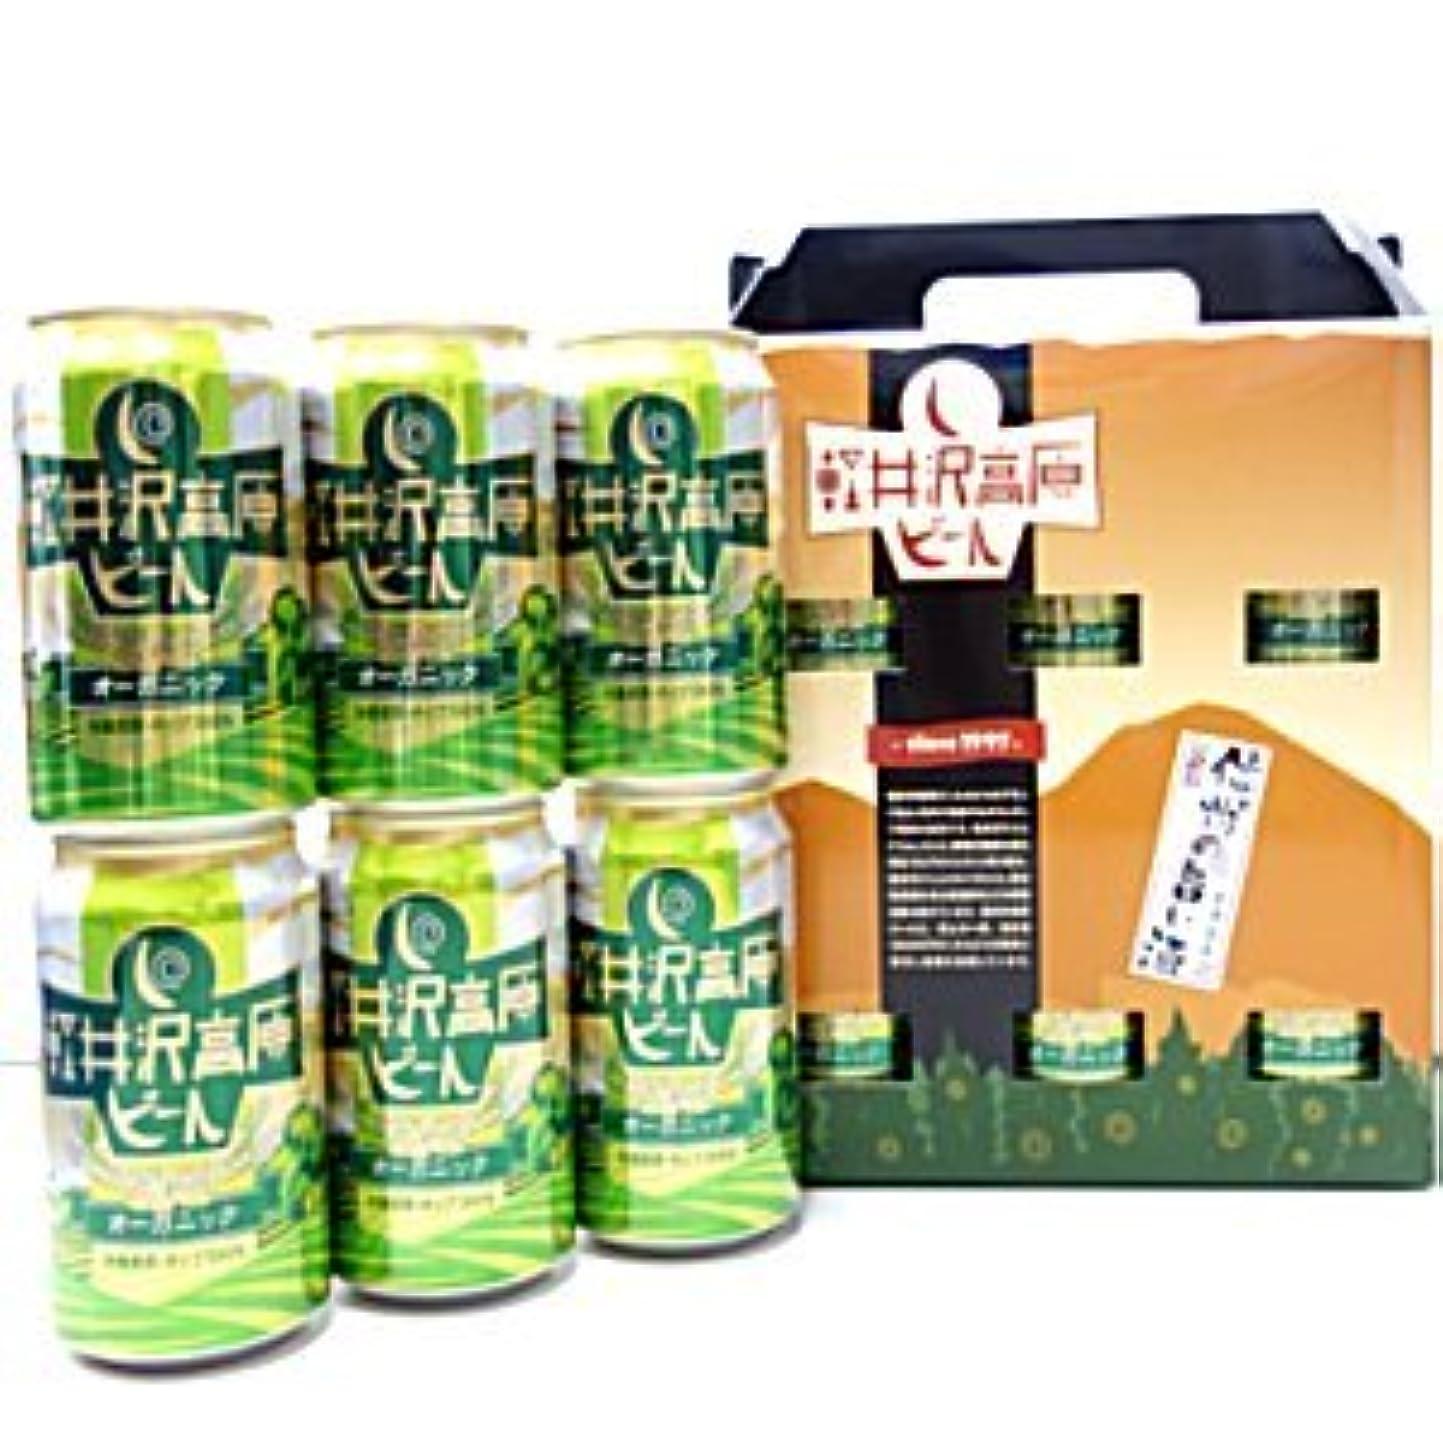 うぬぼれたボード飲料軽井沢高原ビール オーガニック 350mlx6本セット